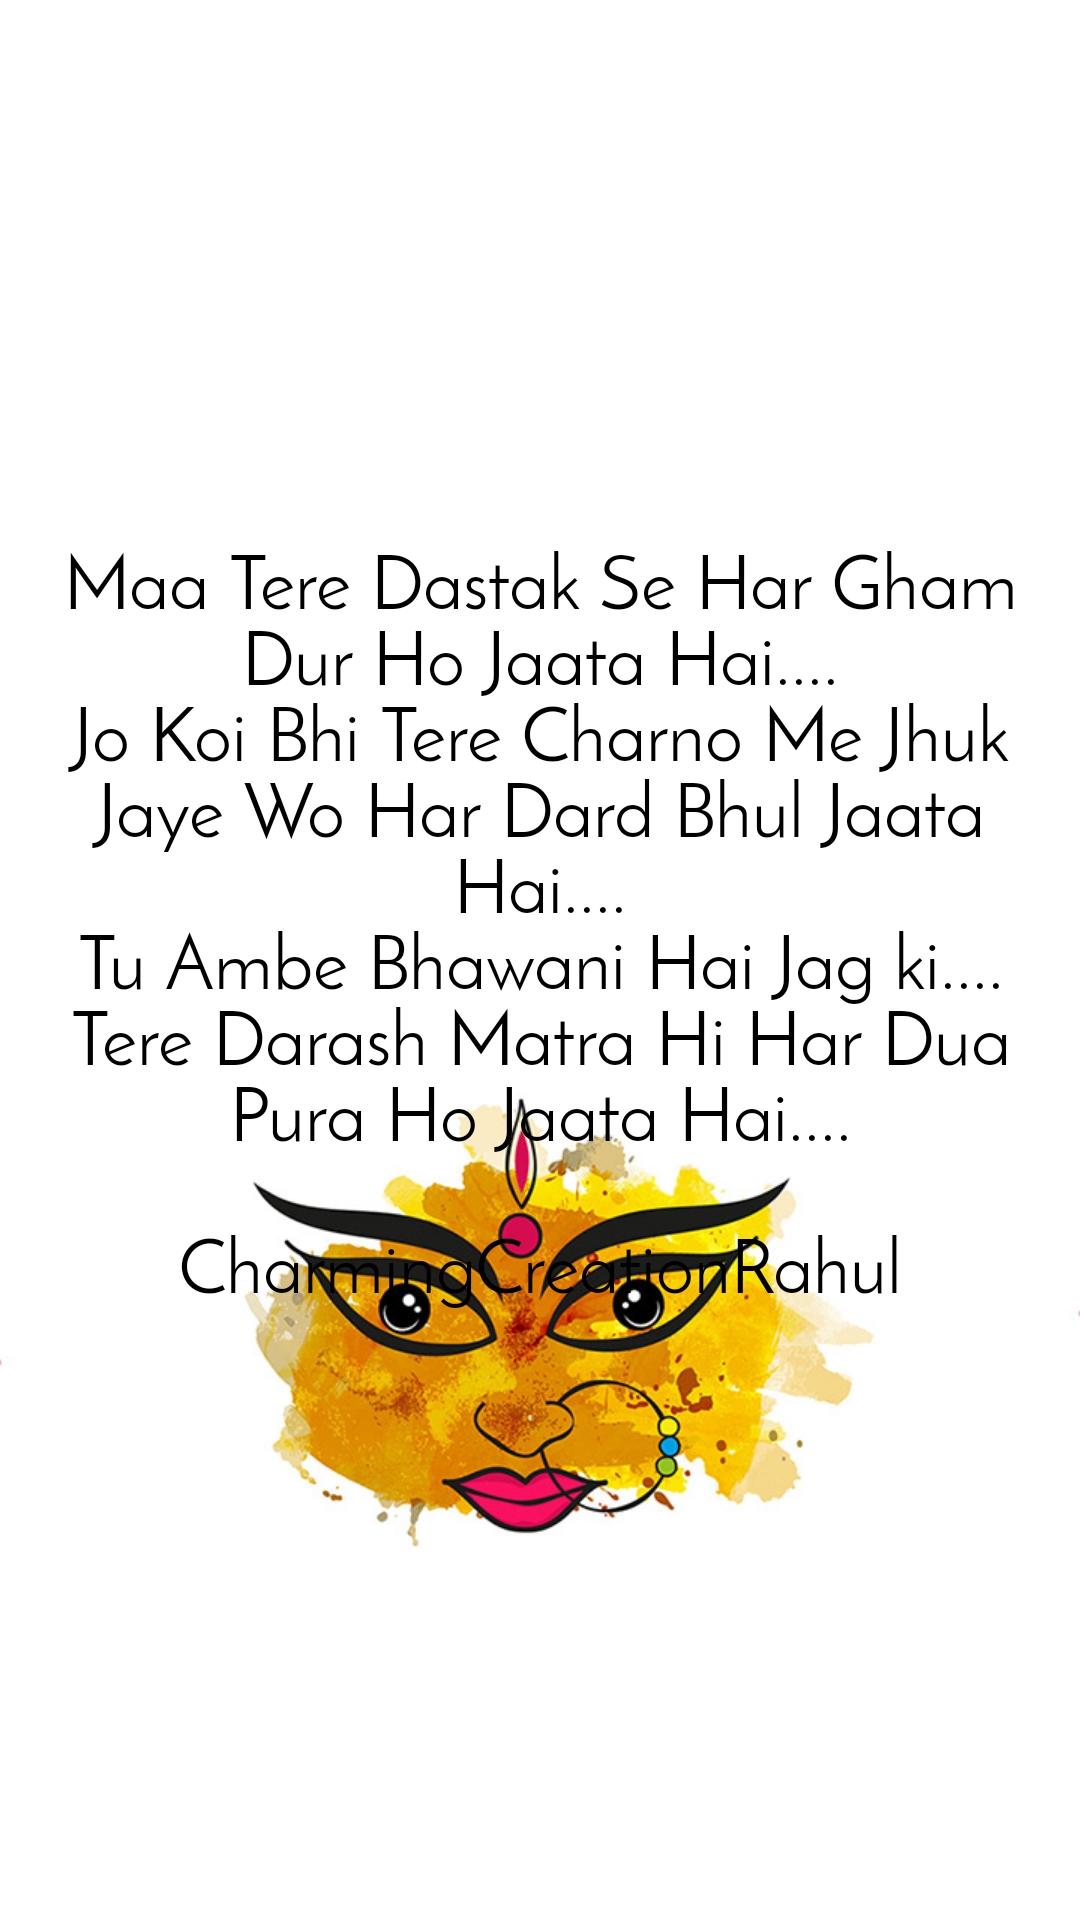 Maa Tere Dastak Se Har Gham Dur Ho Jaata Hai.... Jo Koi Bhi Tere Charno Me Jhuk Jaye Wo Har Dard Bhul Jaata Hai.... Tu Ambe Bhawani Hai Jag ki.... Tere Darash Matra Hi Har Dua Pura Ho Jaata Hai....  CharmingCreationRahul